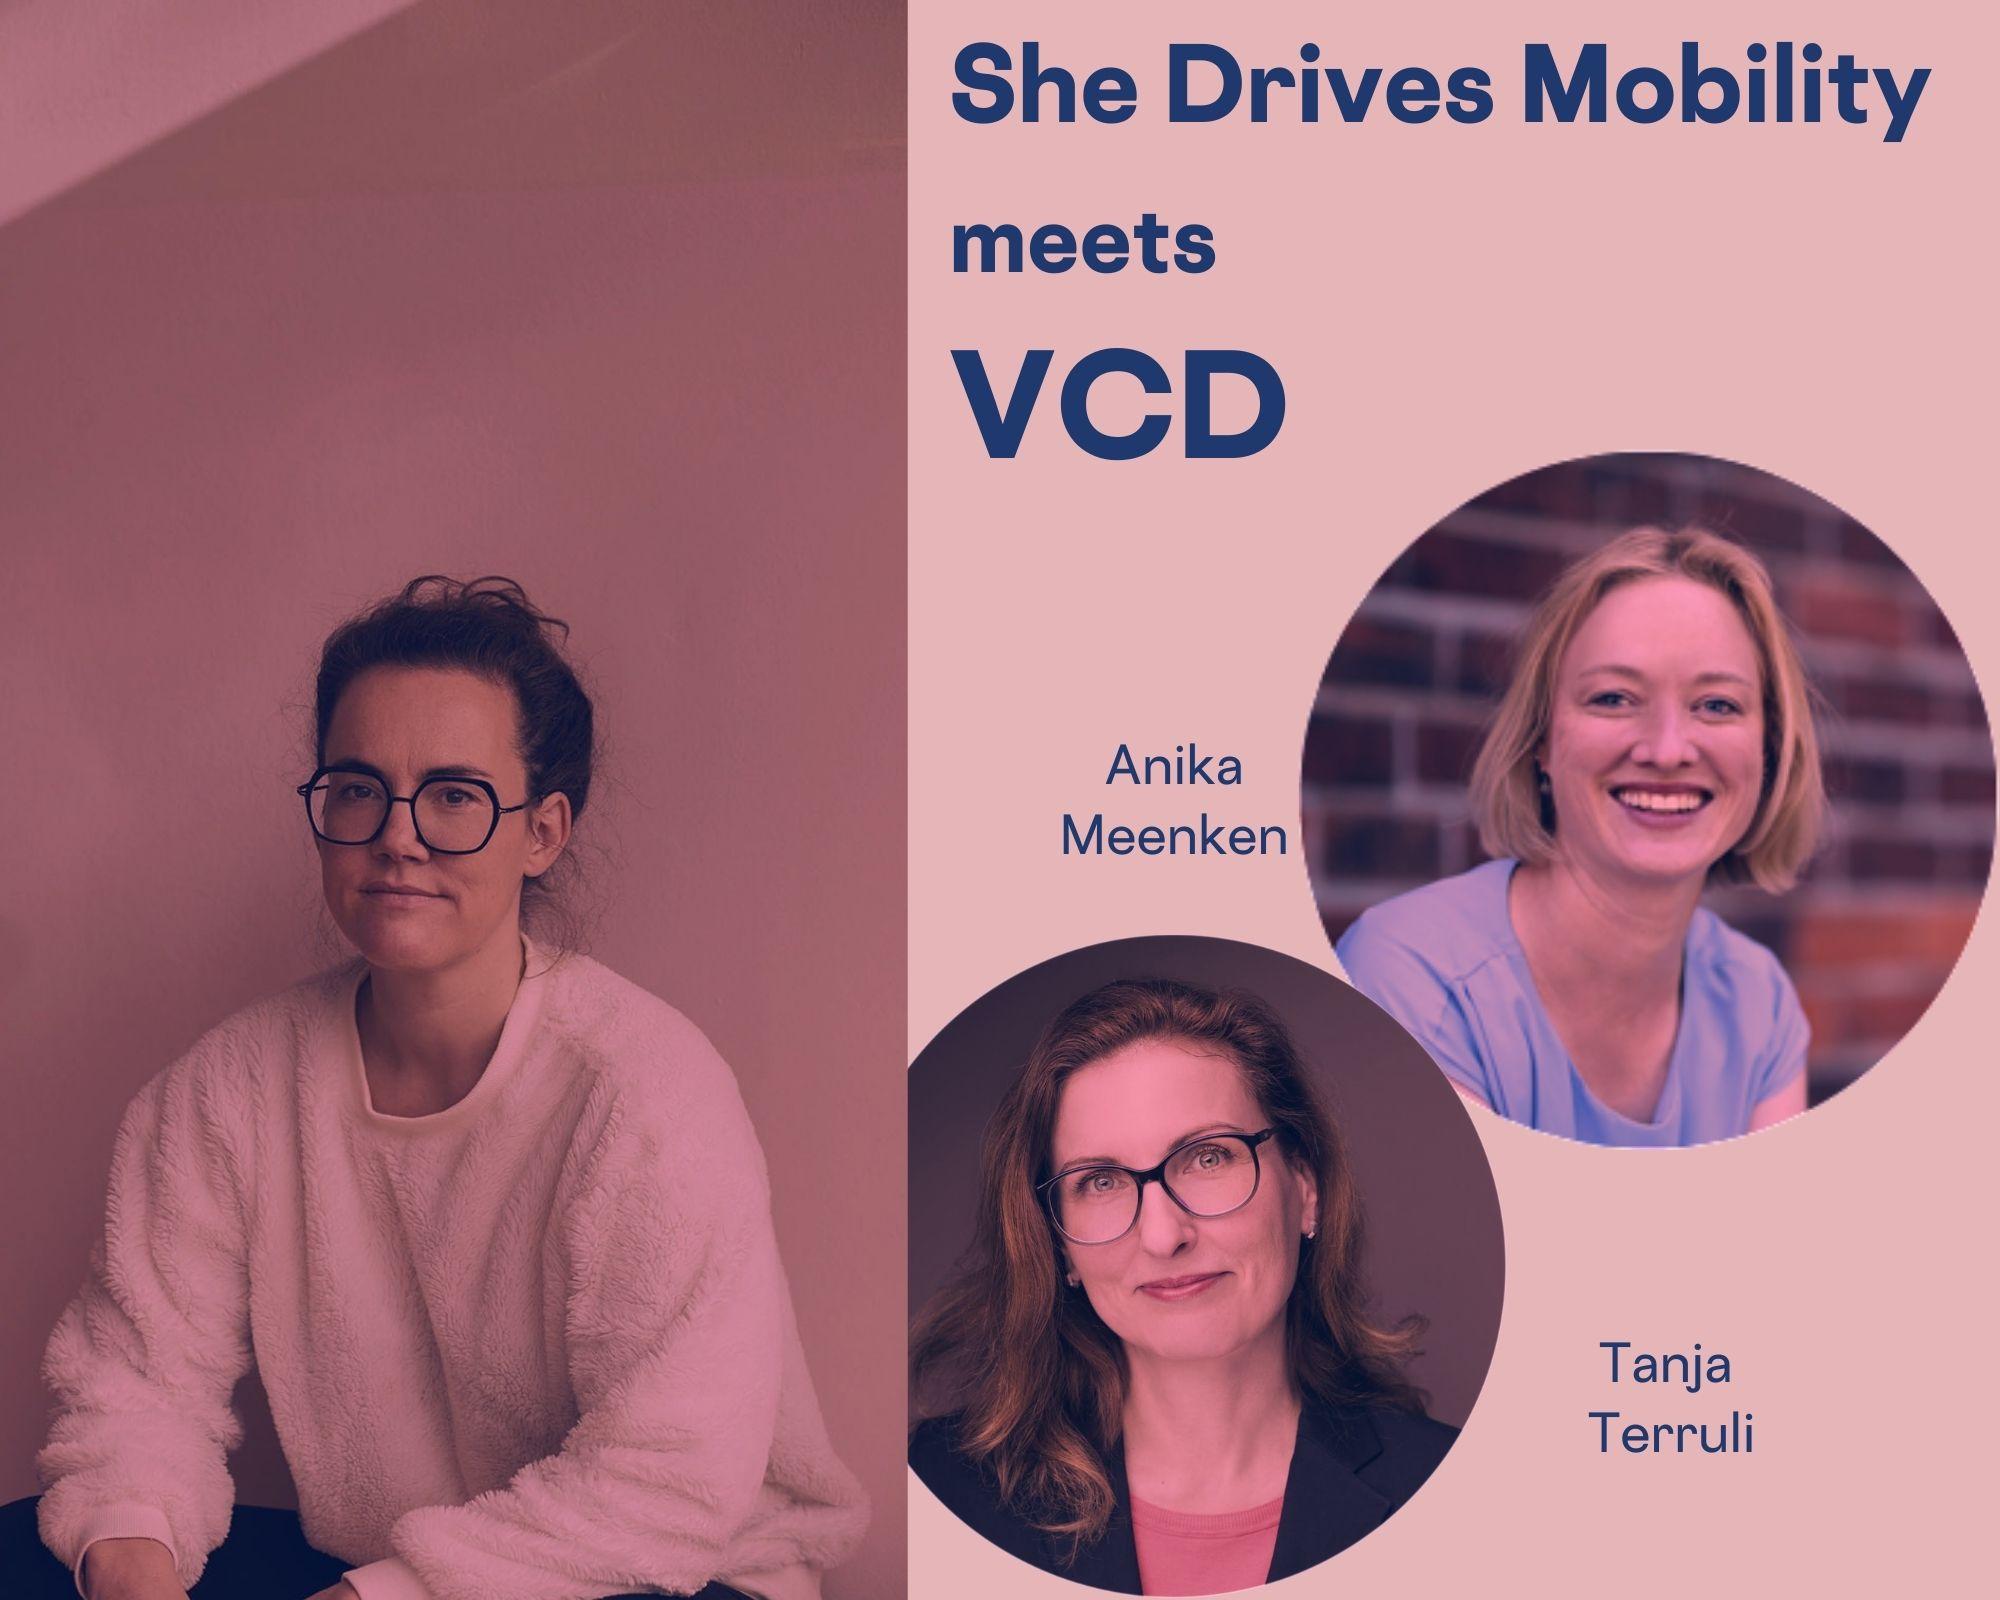 Auf dem Bild siehst du Anika Meenken, Tanja Terruli und mich. Verkehrsclub Deutschland zu Kindermobilität und Städten mit Lebensqualität.